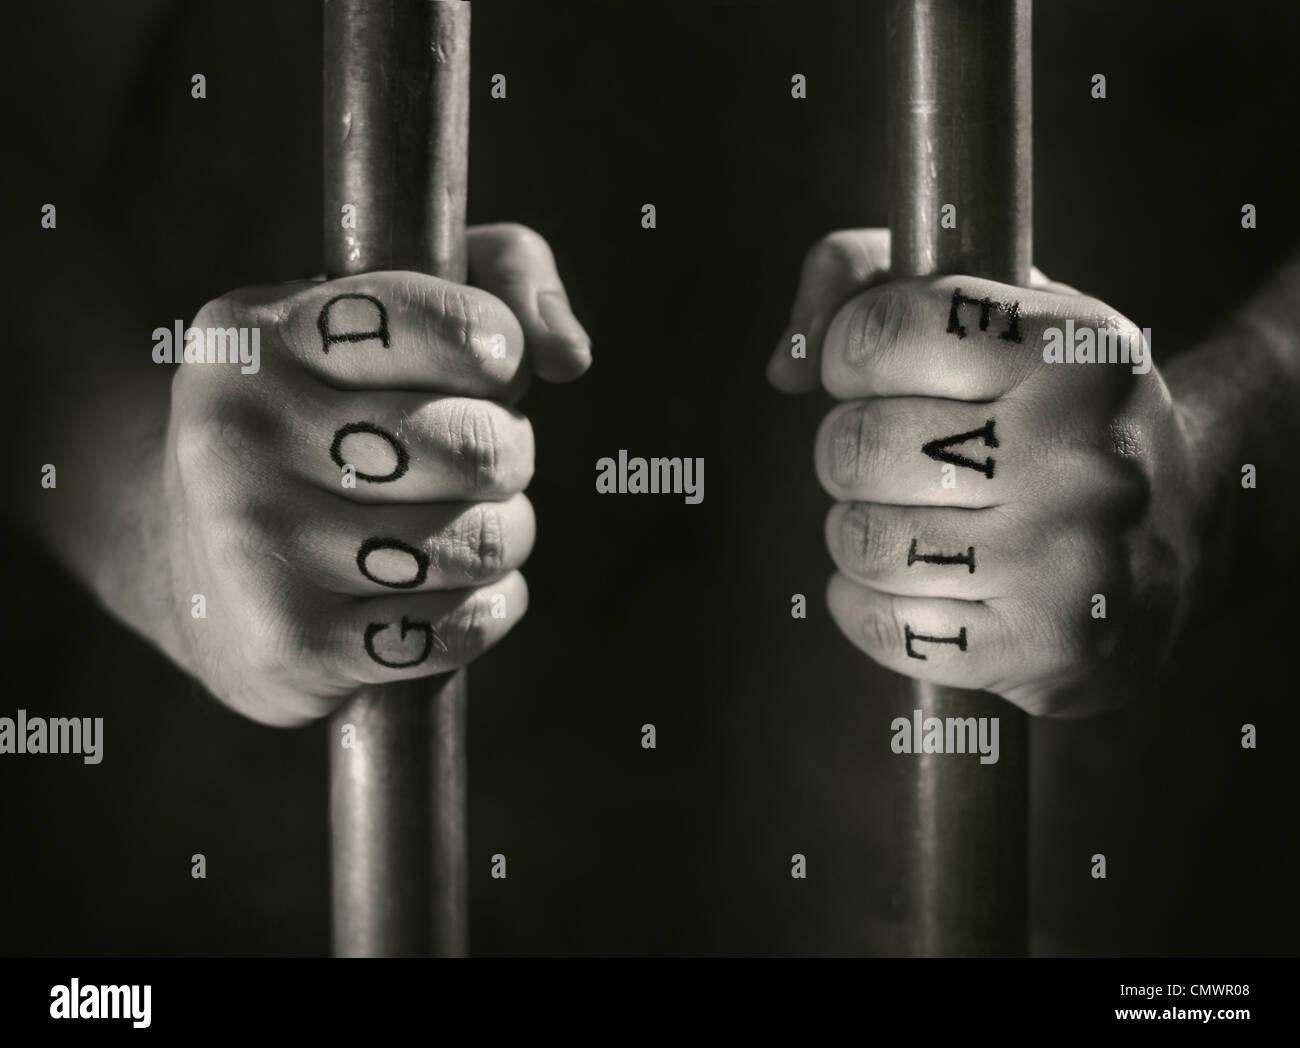 Mann Mit Falschen Gut Und Böse Tattoos Hinter Gittern Stockfoto